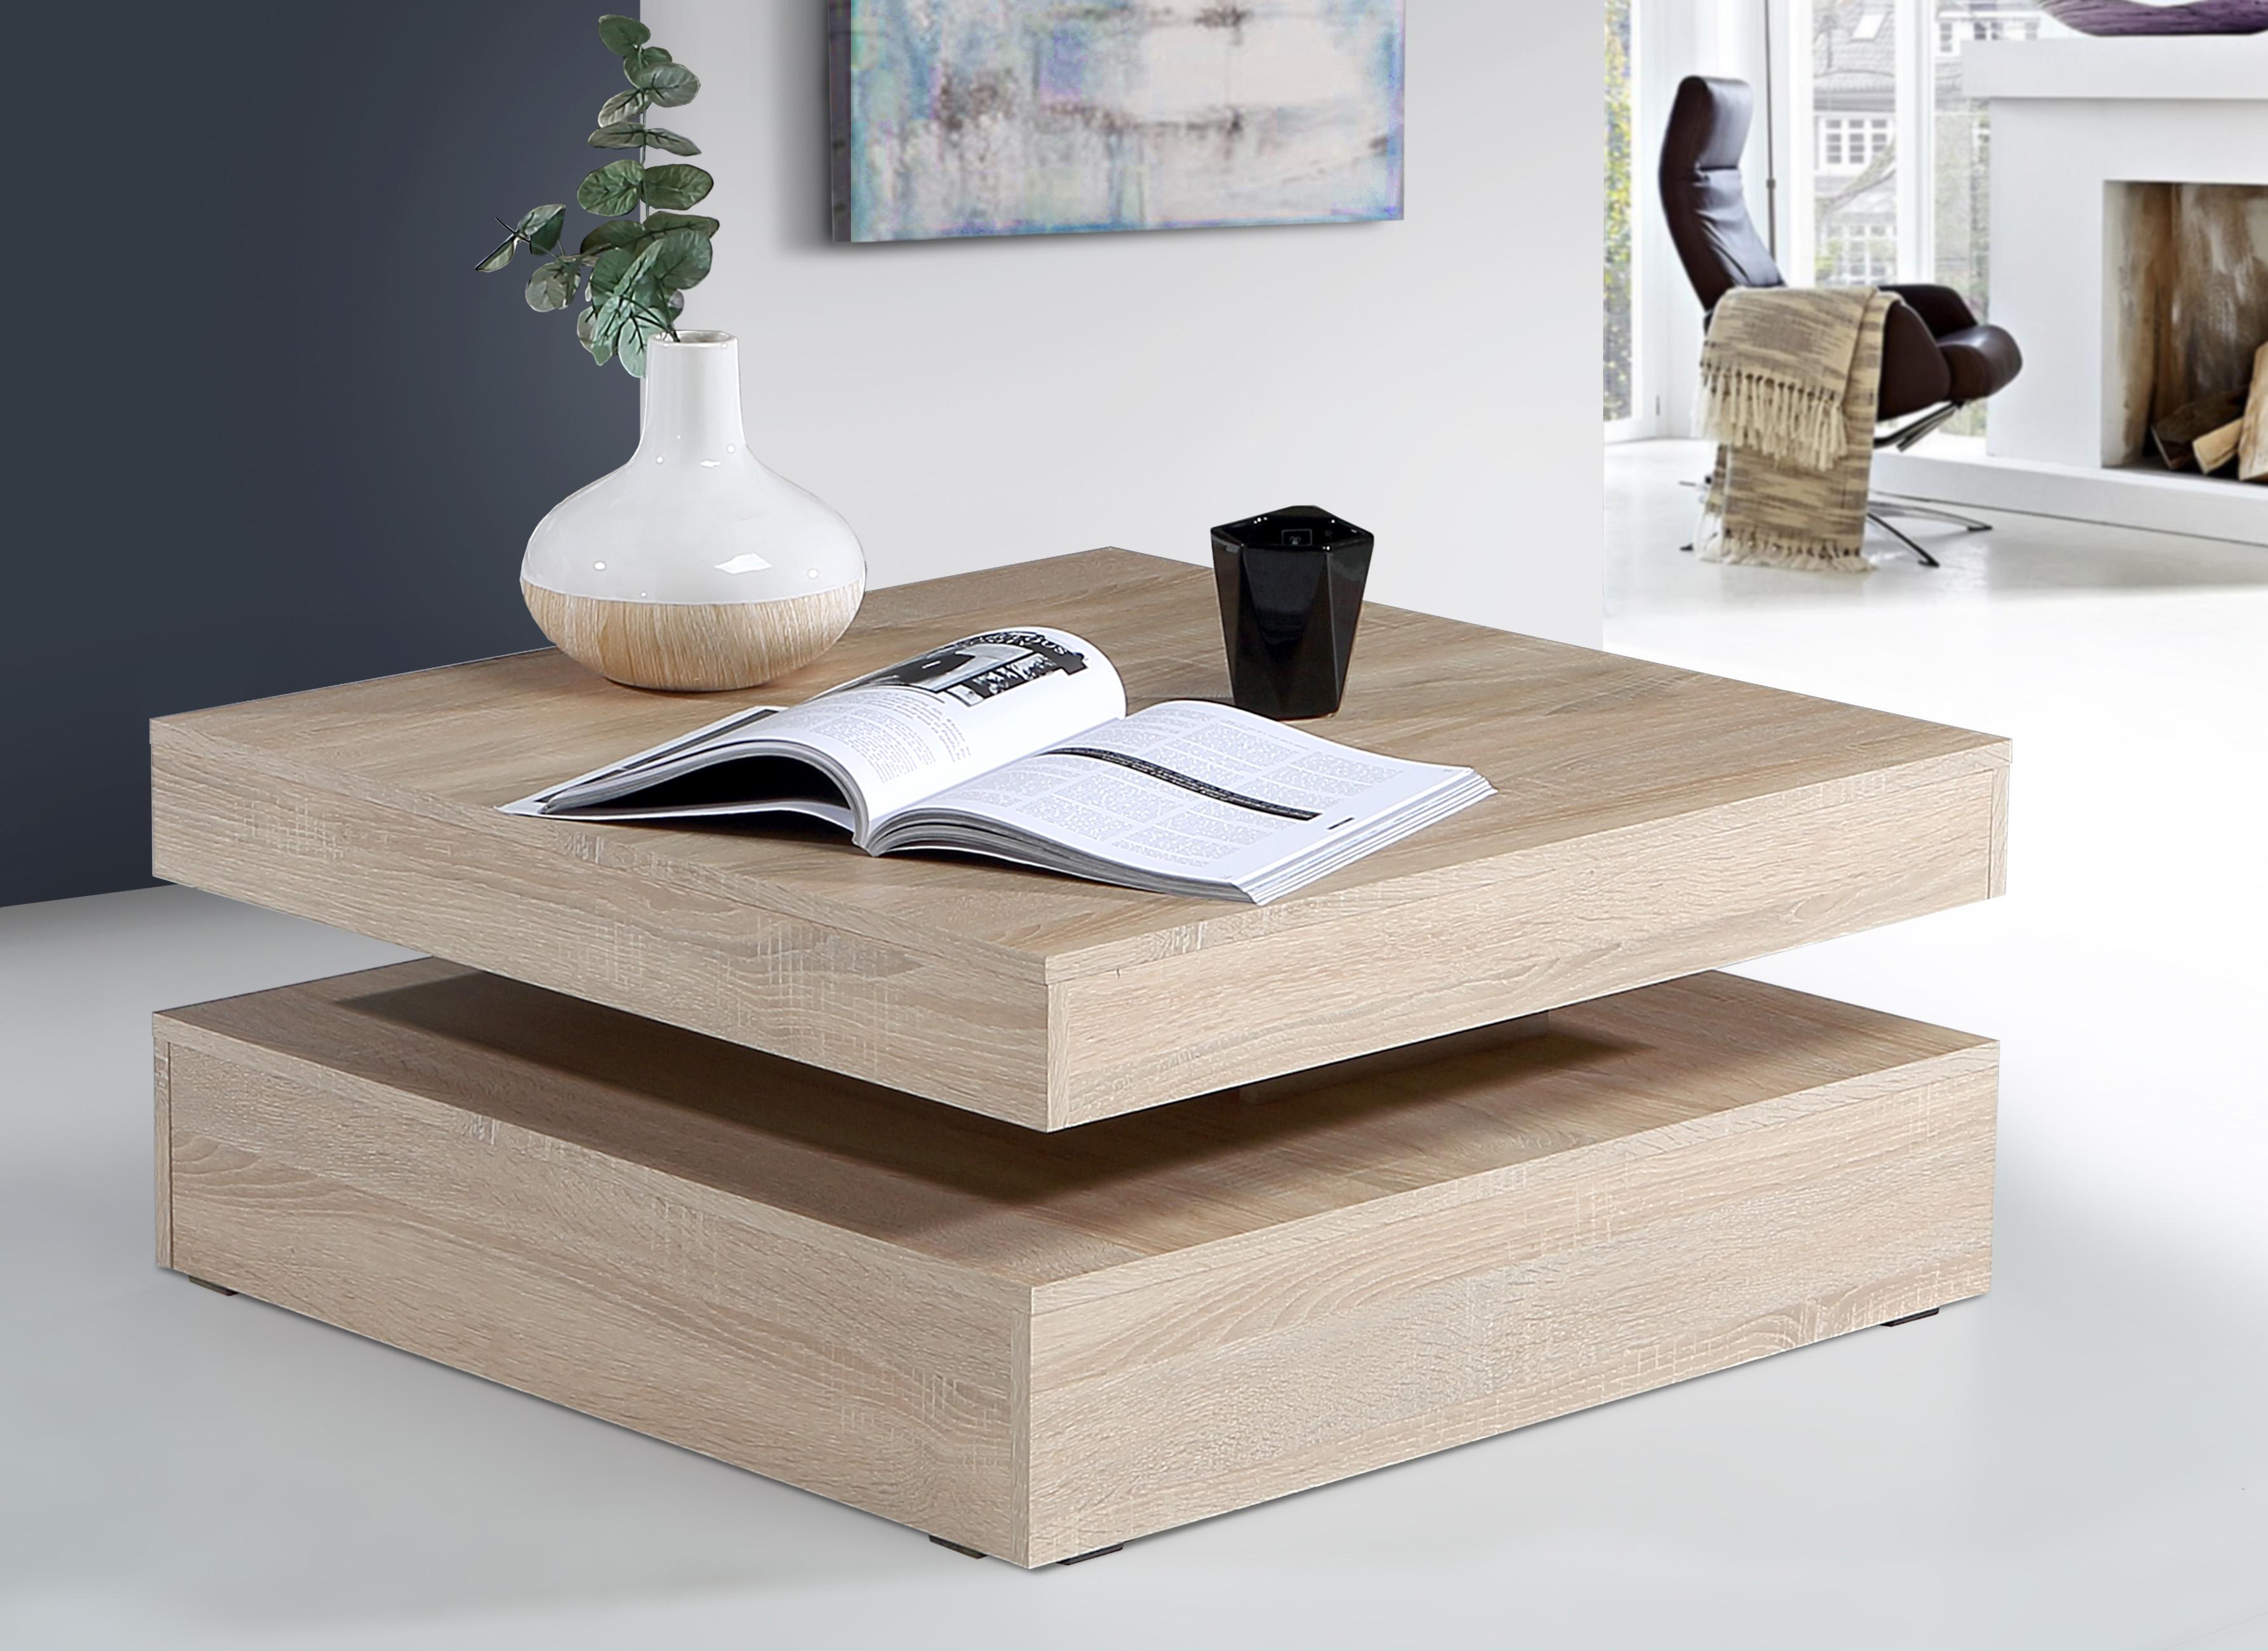 Konferenční stolek ANAKIN, dub sonoma, 5 let záruka